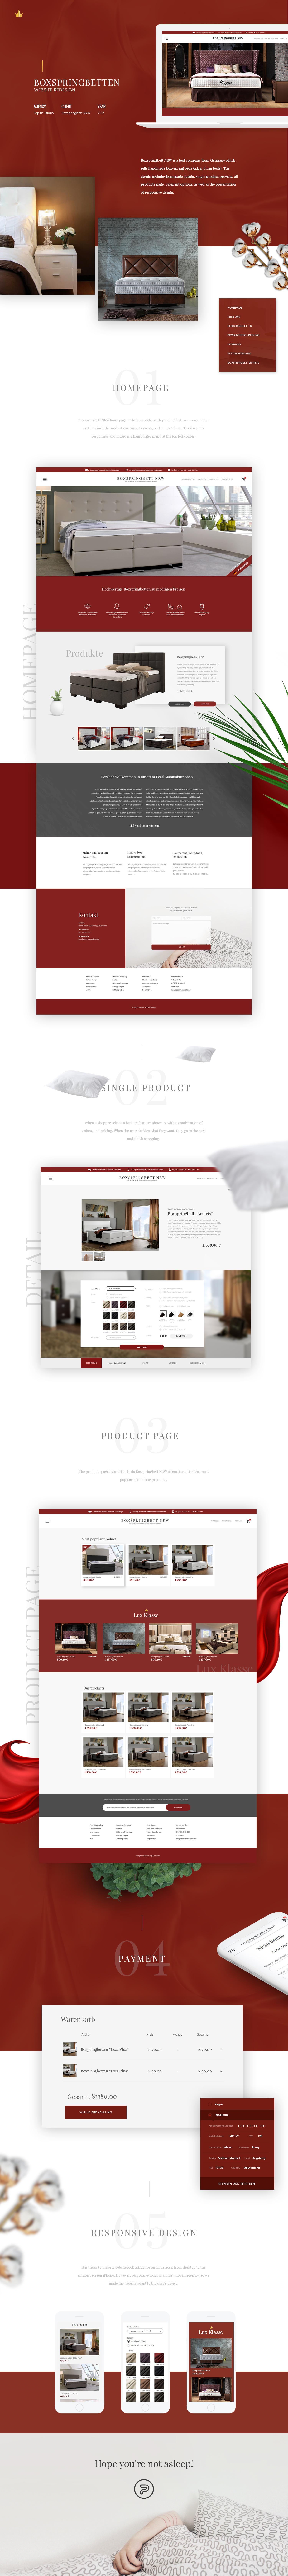 Design Und Erstellung Eines Online Shops Für Möbel Aus Deutschland